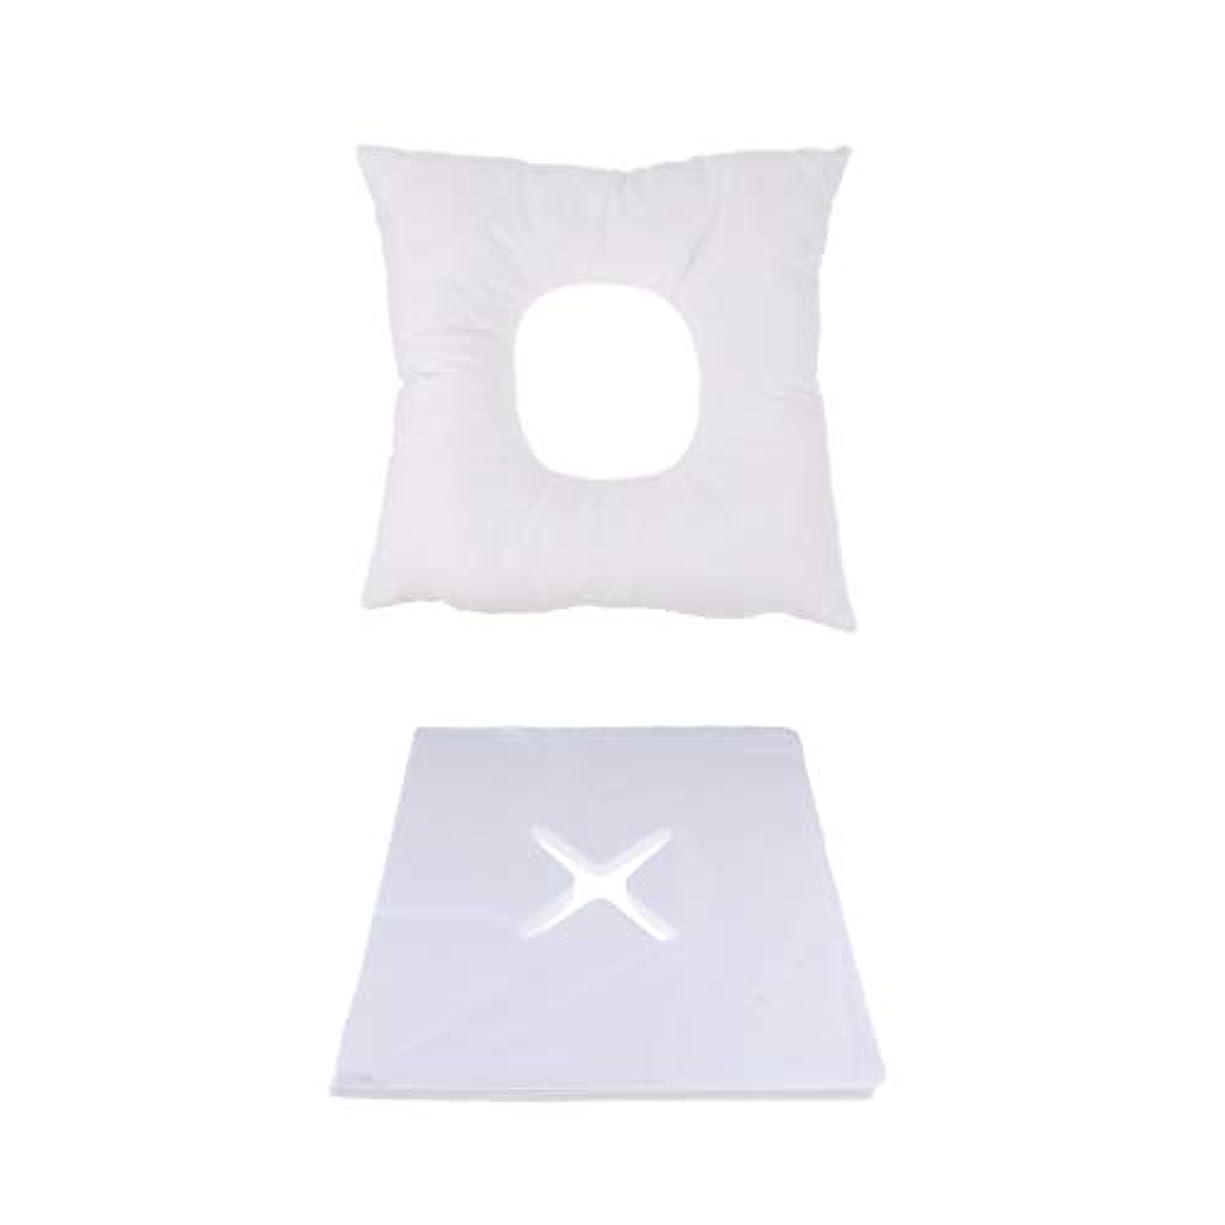 お気に入り未払い要件P Prettyia マッサージ用クッション マッサージ枕 顔枕 フェイスマット 200個使い捨てピローカバー付 快適